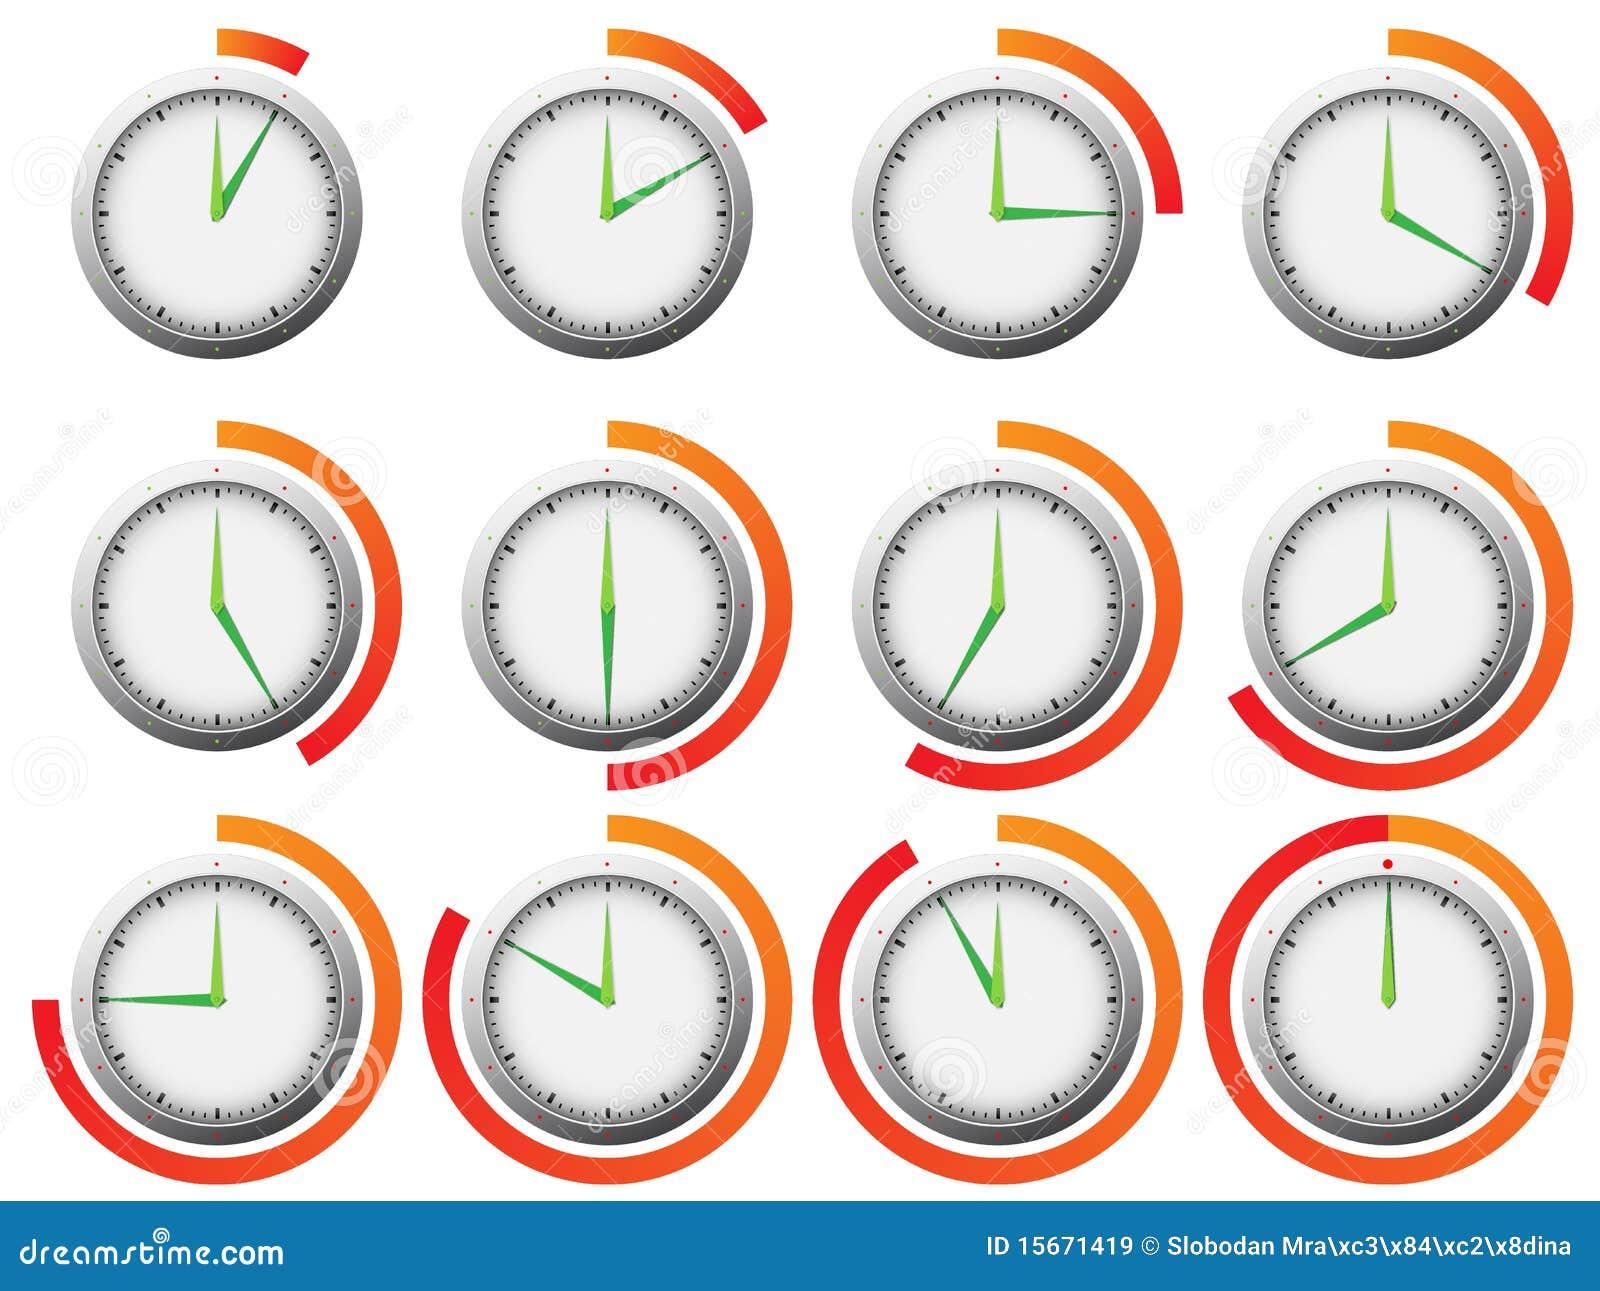 clock timer royalty free stock images image 15671419. Black Bedroom Furniture Sets. Home Design Ideas